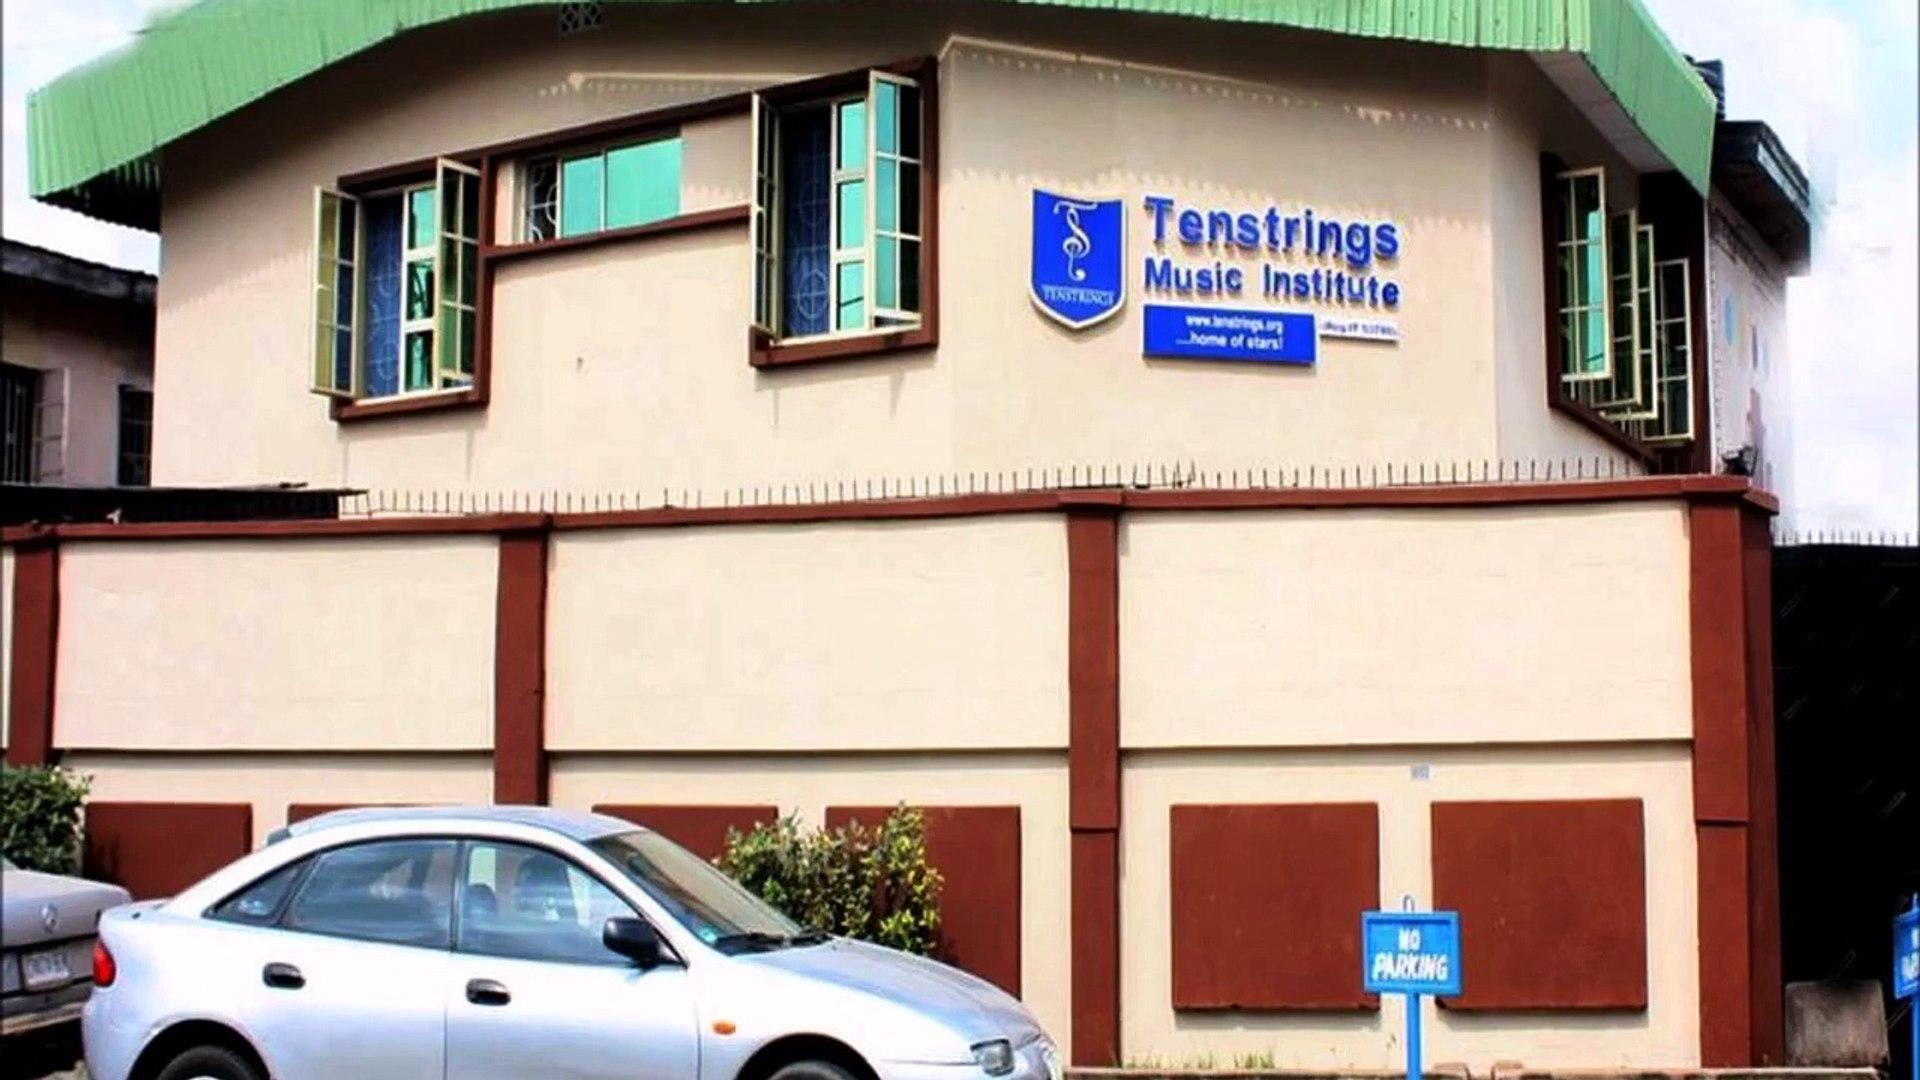 Inside of Tenstrings Music Institute, Lagos, Nigeria